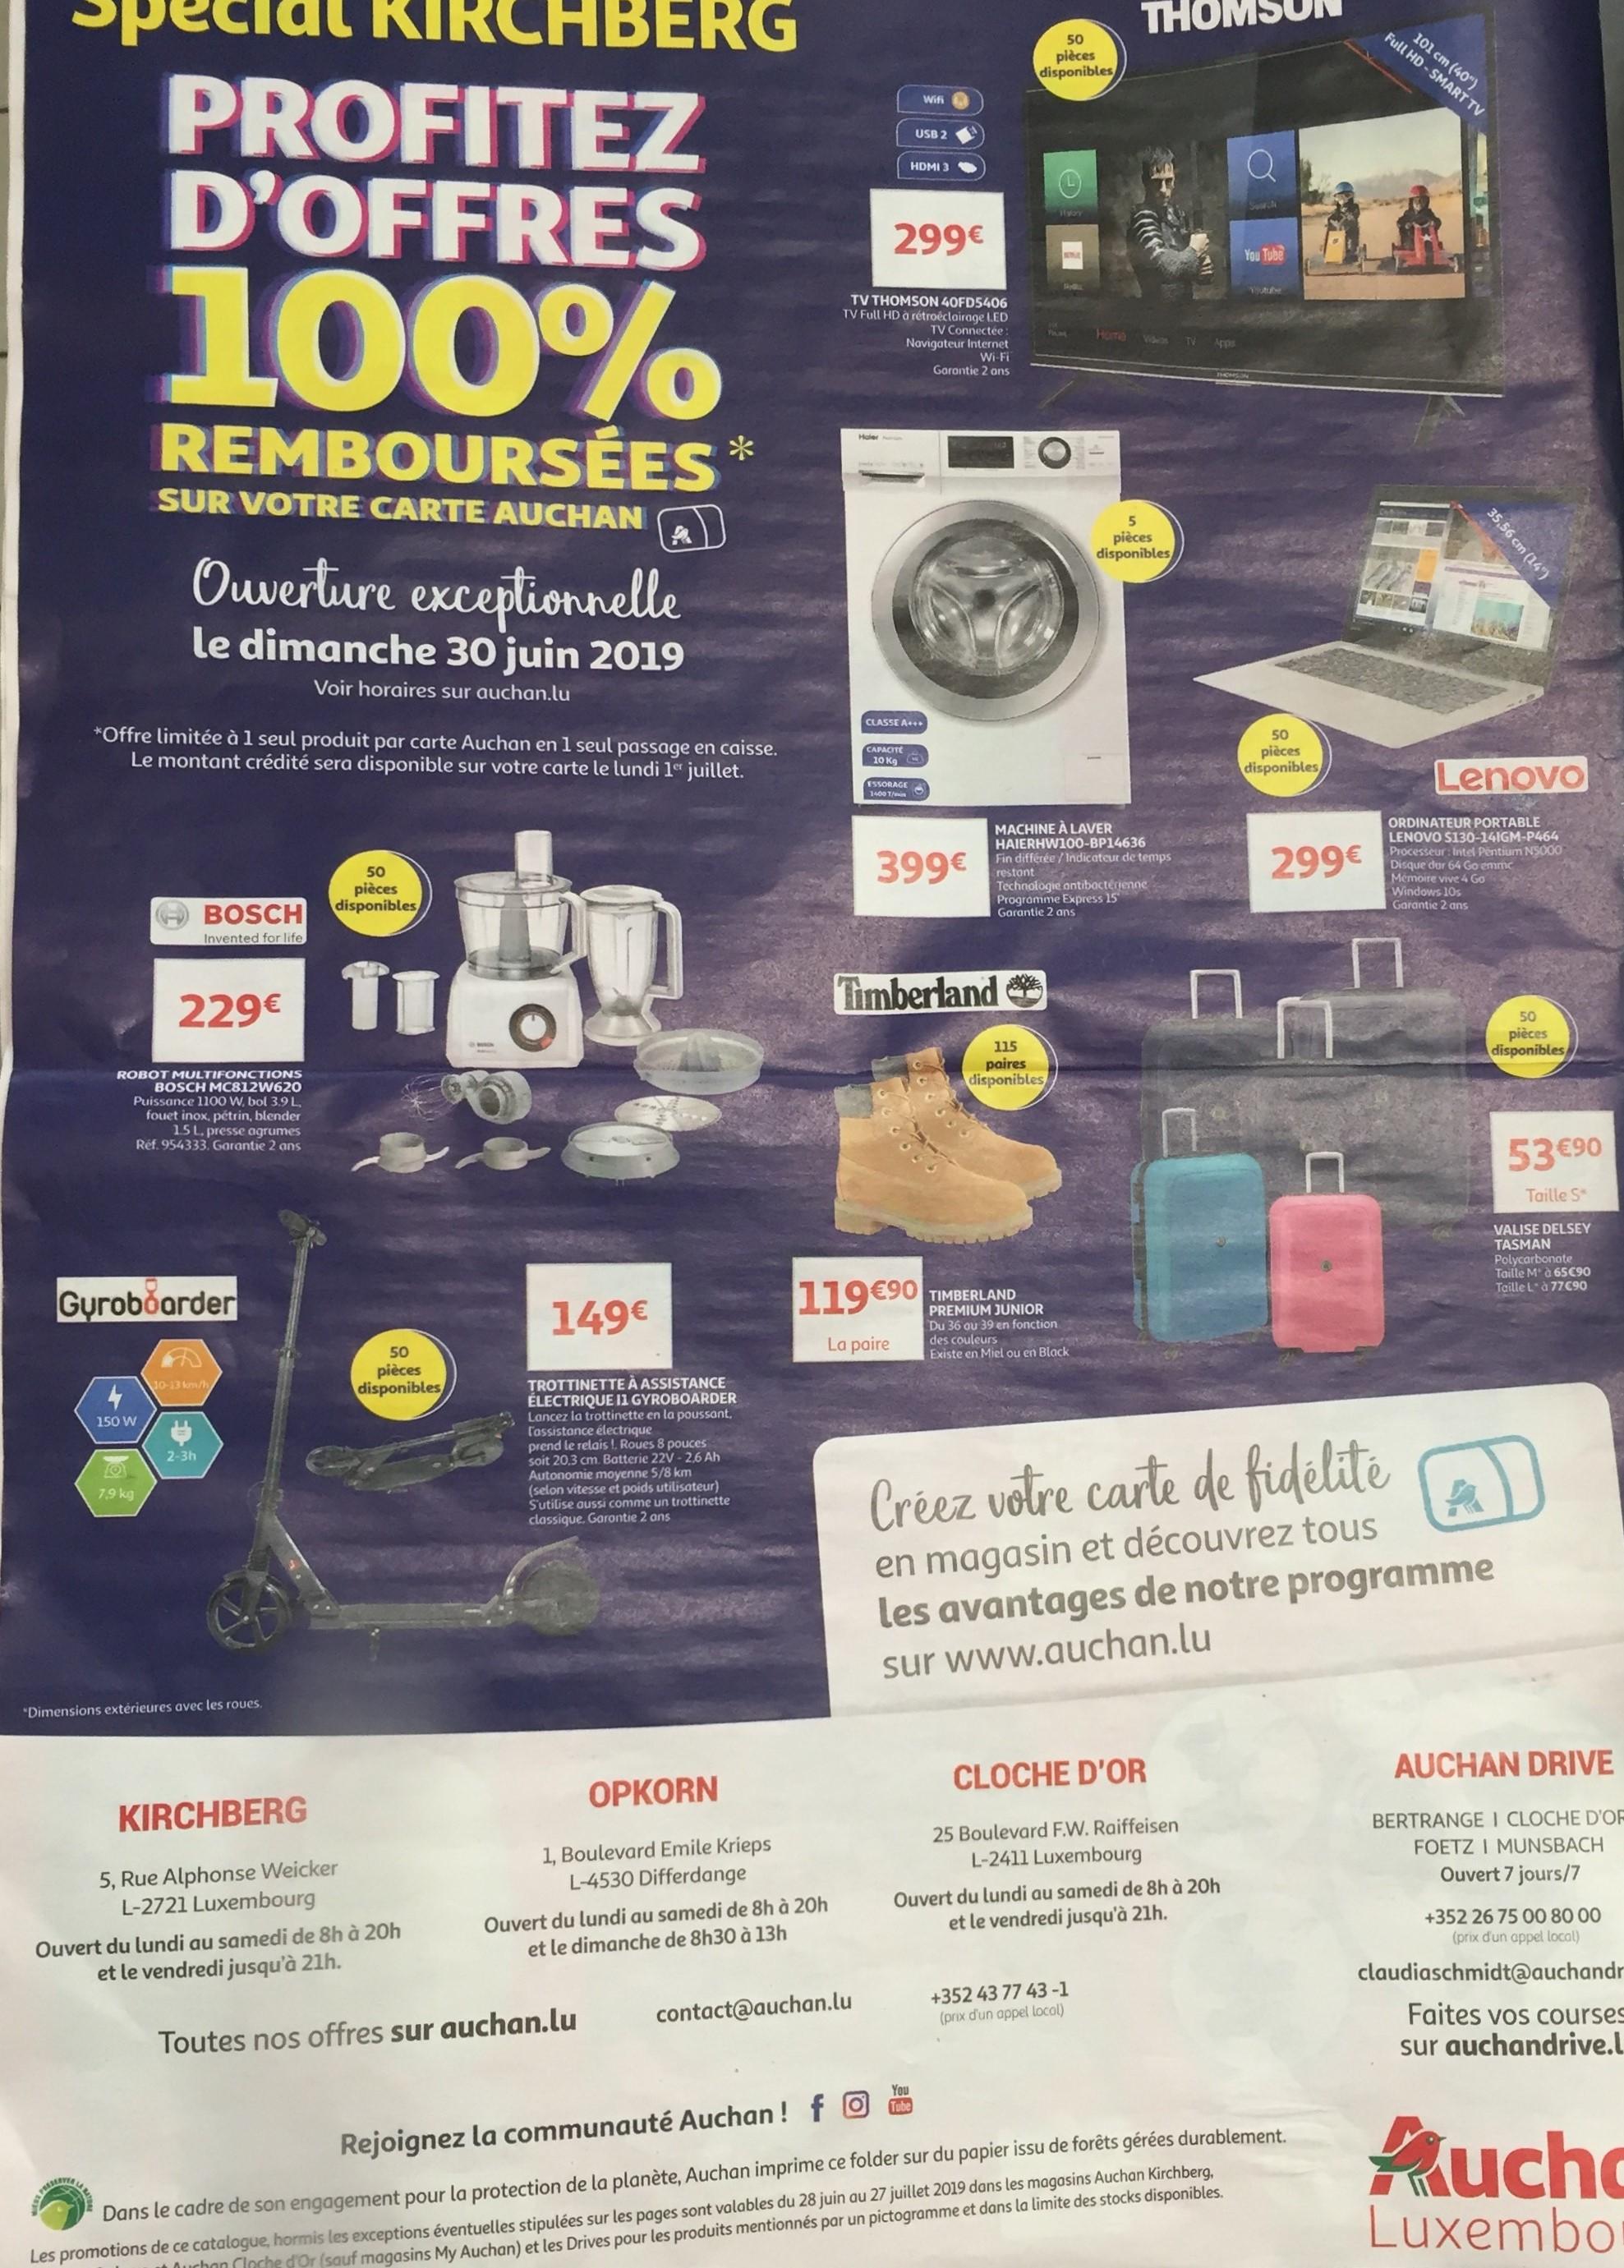 Sélection de produits 100% remboursés sur la carte fidélité (Frontaliers Luxembourg)